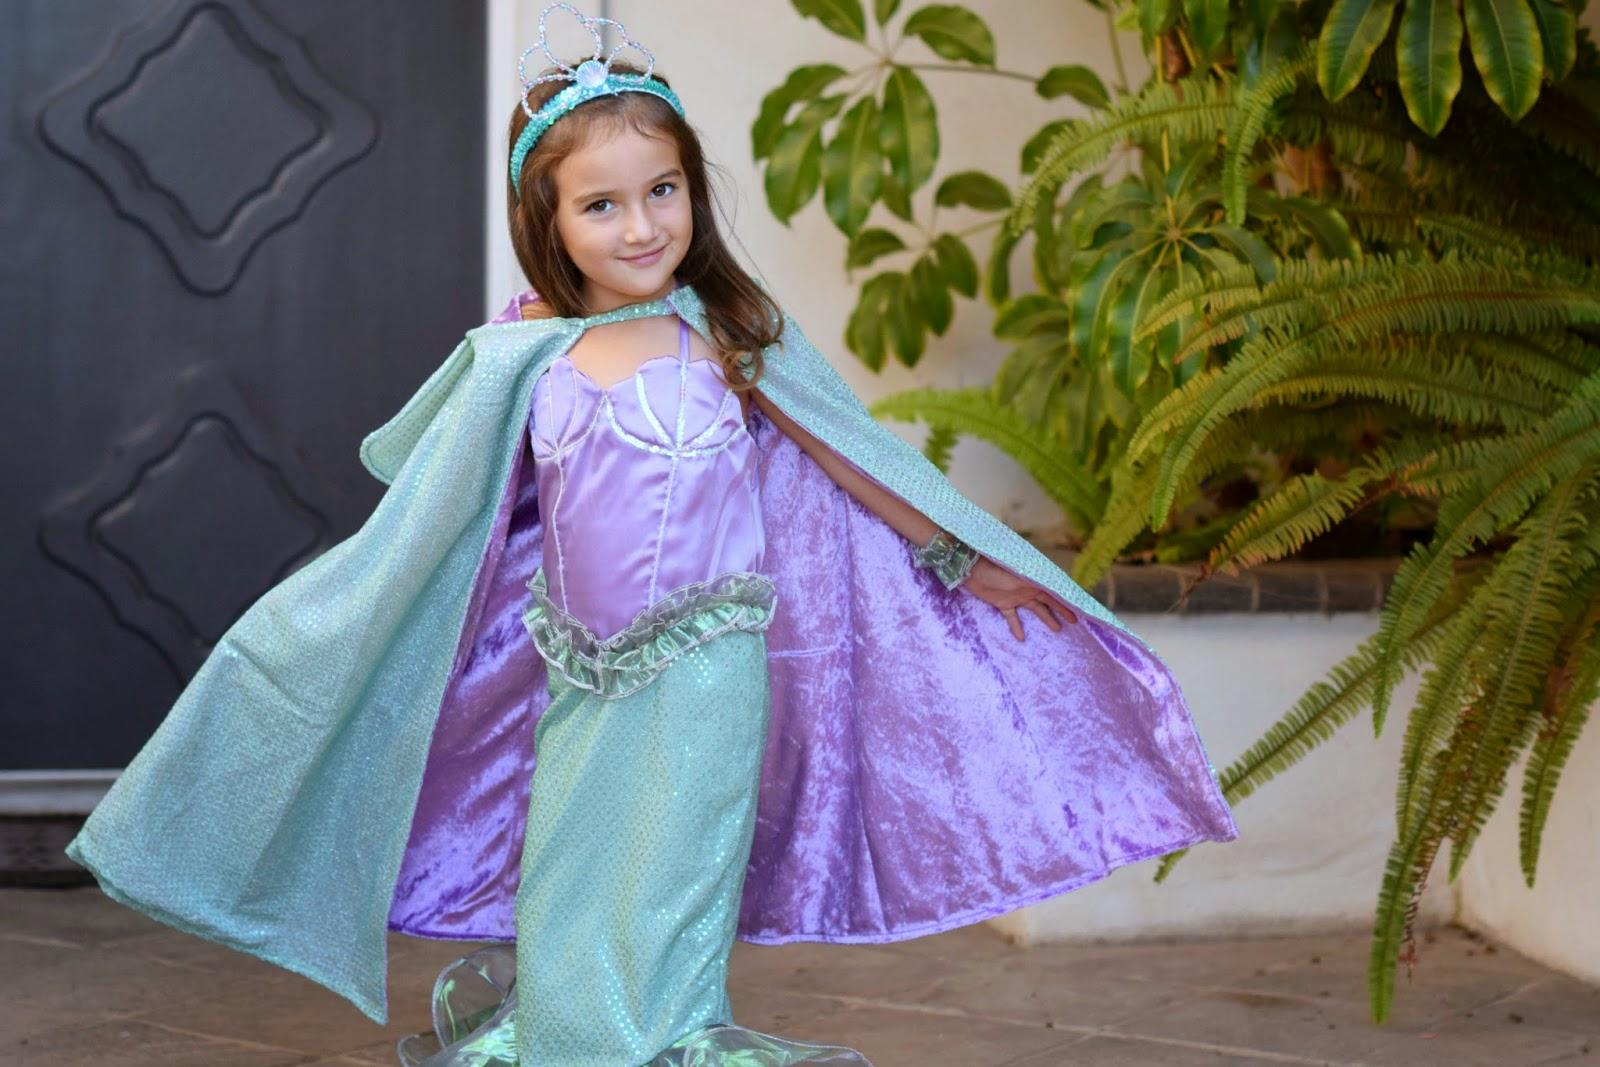 Chasing Fireflies Mermaid Costume, #ChasingTreats2014, The best mermaid costume